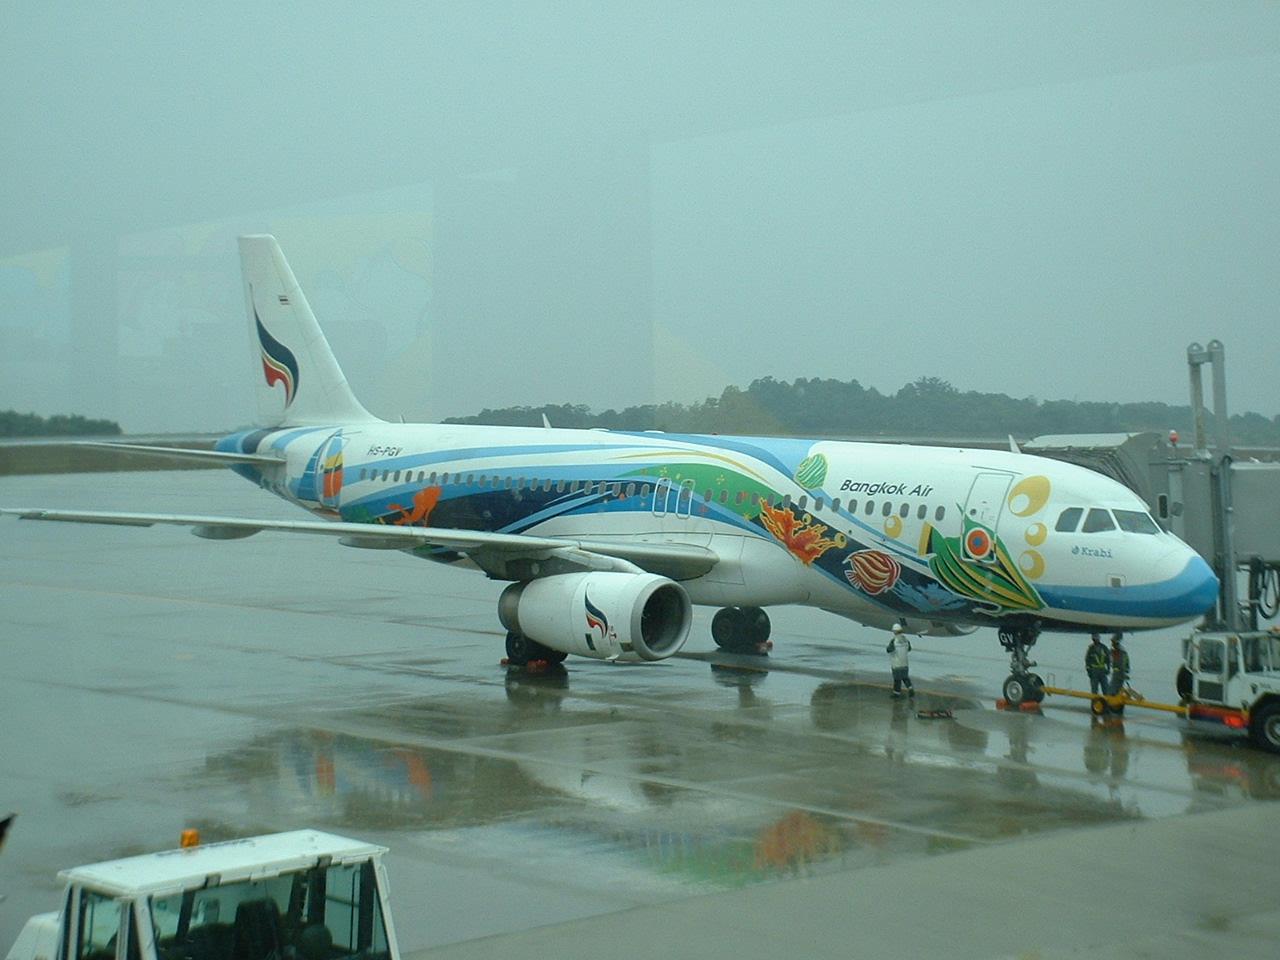 http://4.bp.blogspot.com/-g-FkNEtWKS0/TgF0d_LVazI/AAAAAAAAUt0/N6Atxx3nzhU/s1600/Bangkok_Airways-Desktop-Wallpaper.JPG